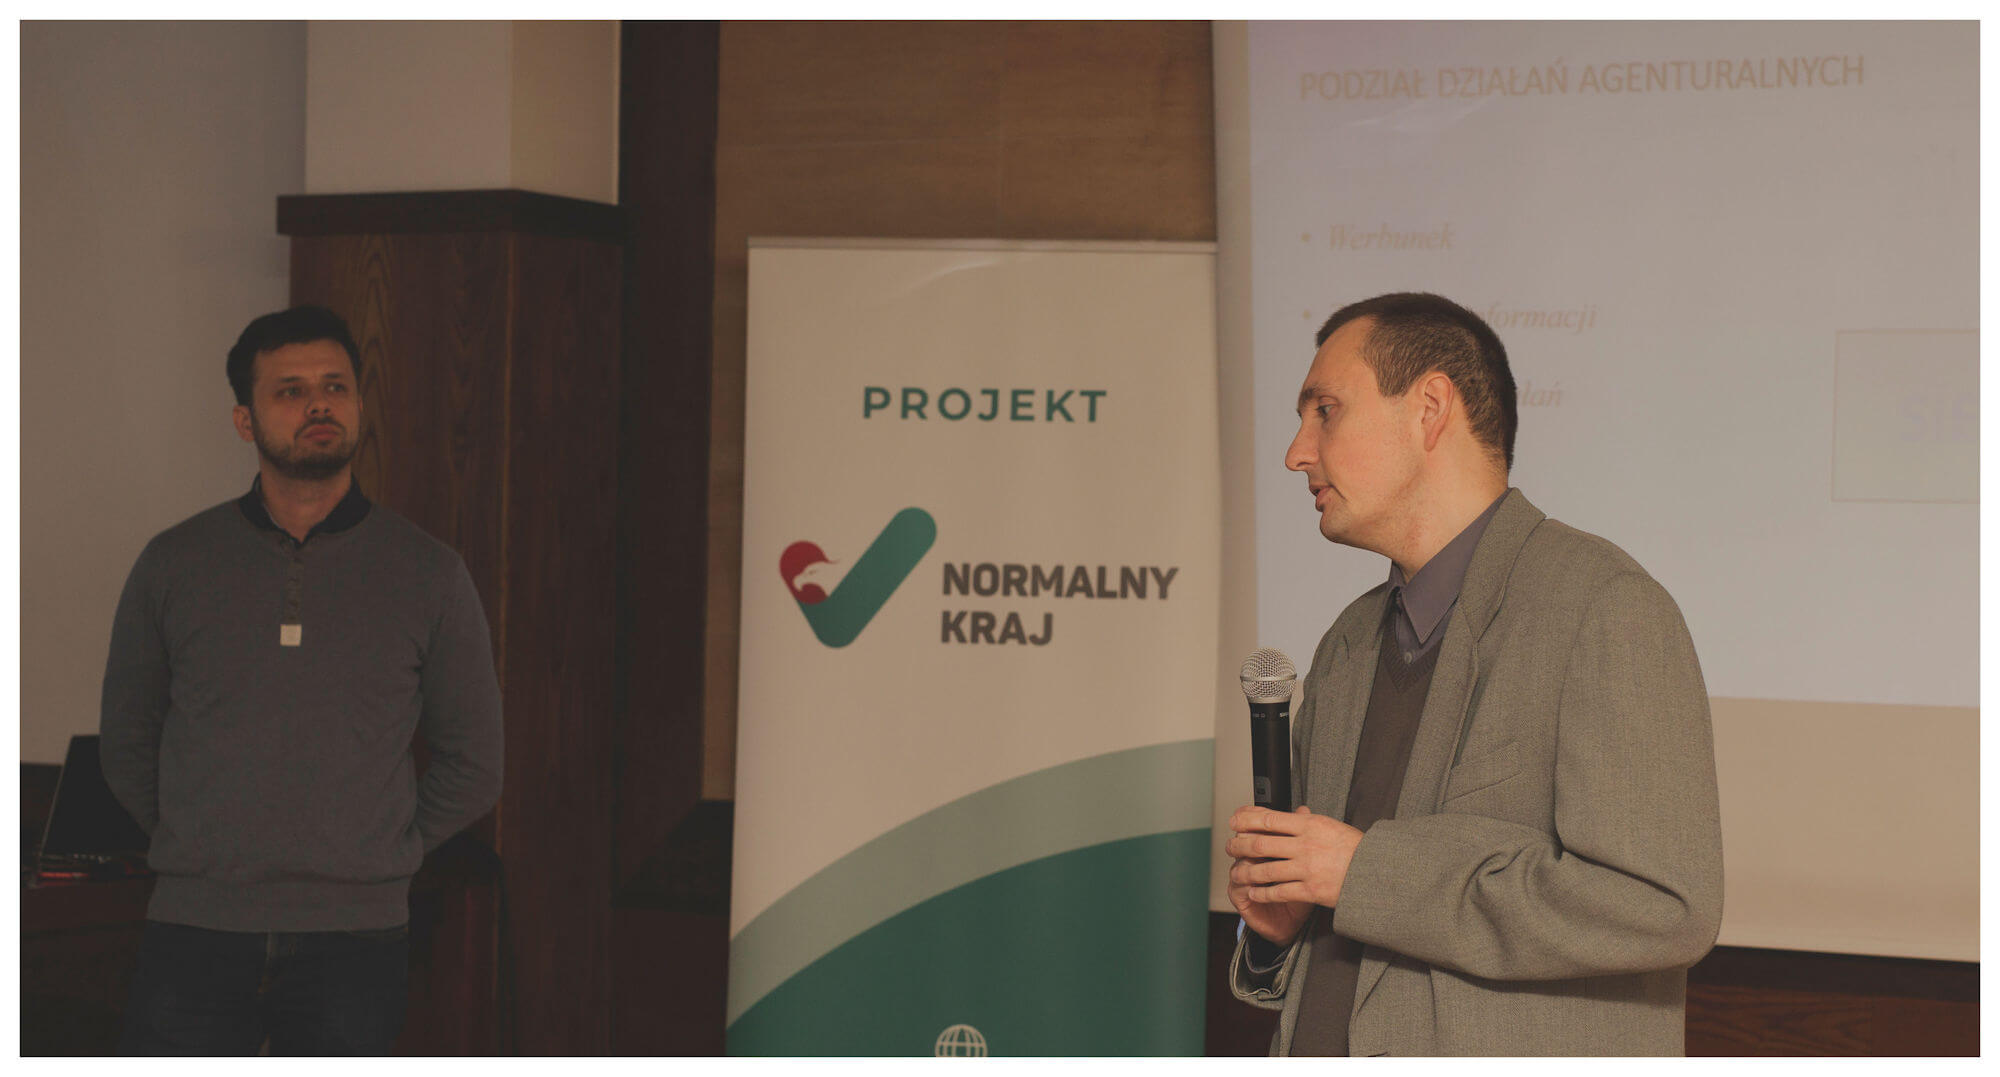 Tomasz Banyś i Marcin Hagmajer